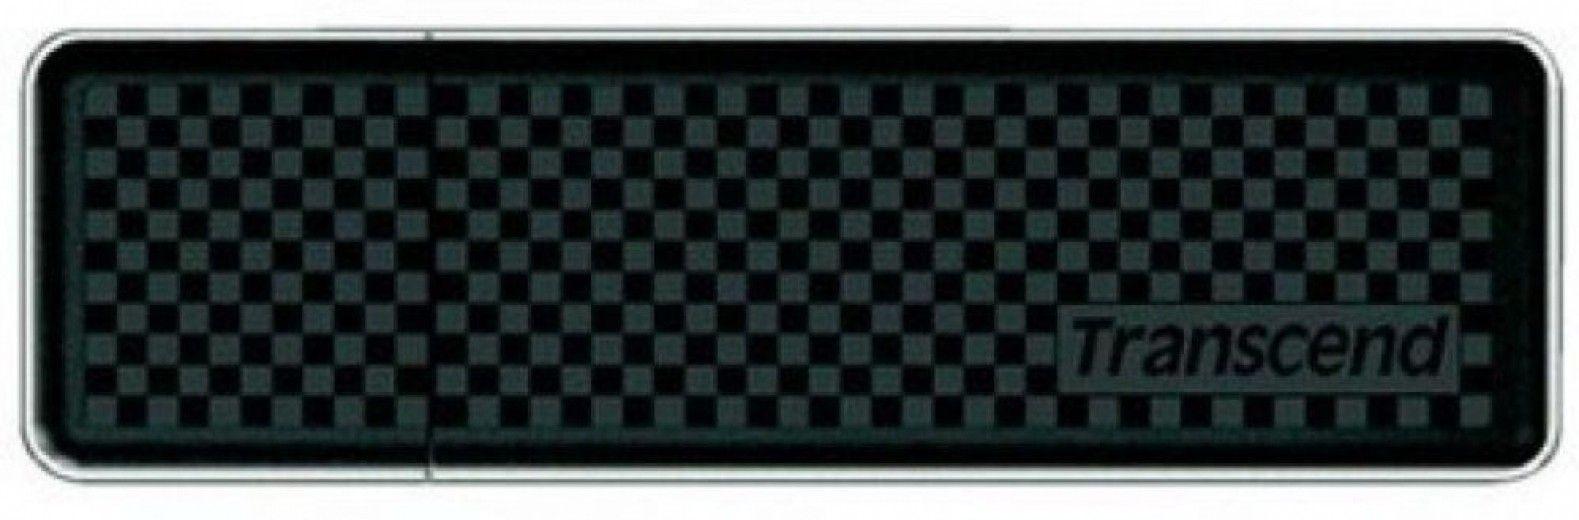 USB флеш накопичувач Transcend JetFlash 780 8GB (TS8GJF780)